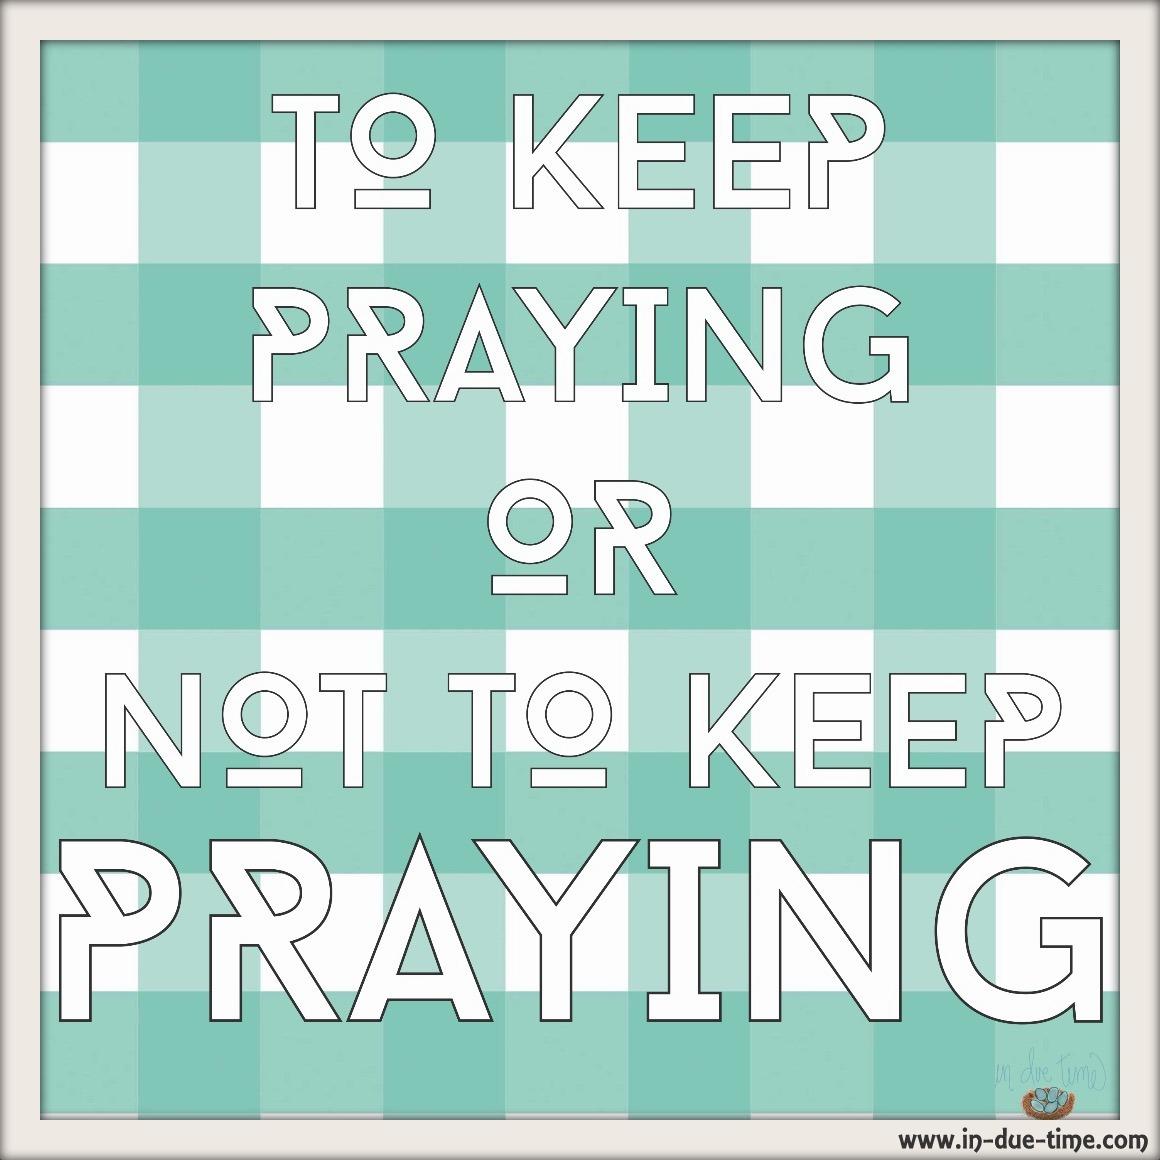 To Keep Praying or Not to Keep Praying